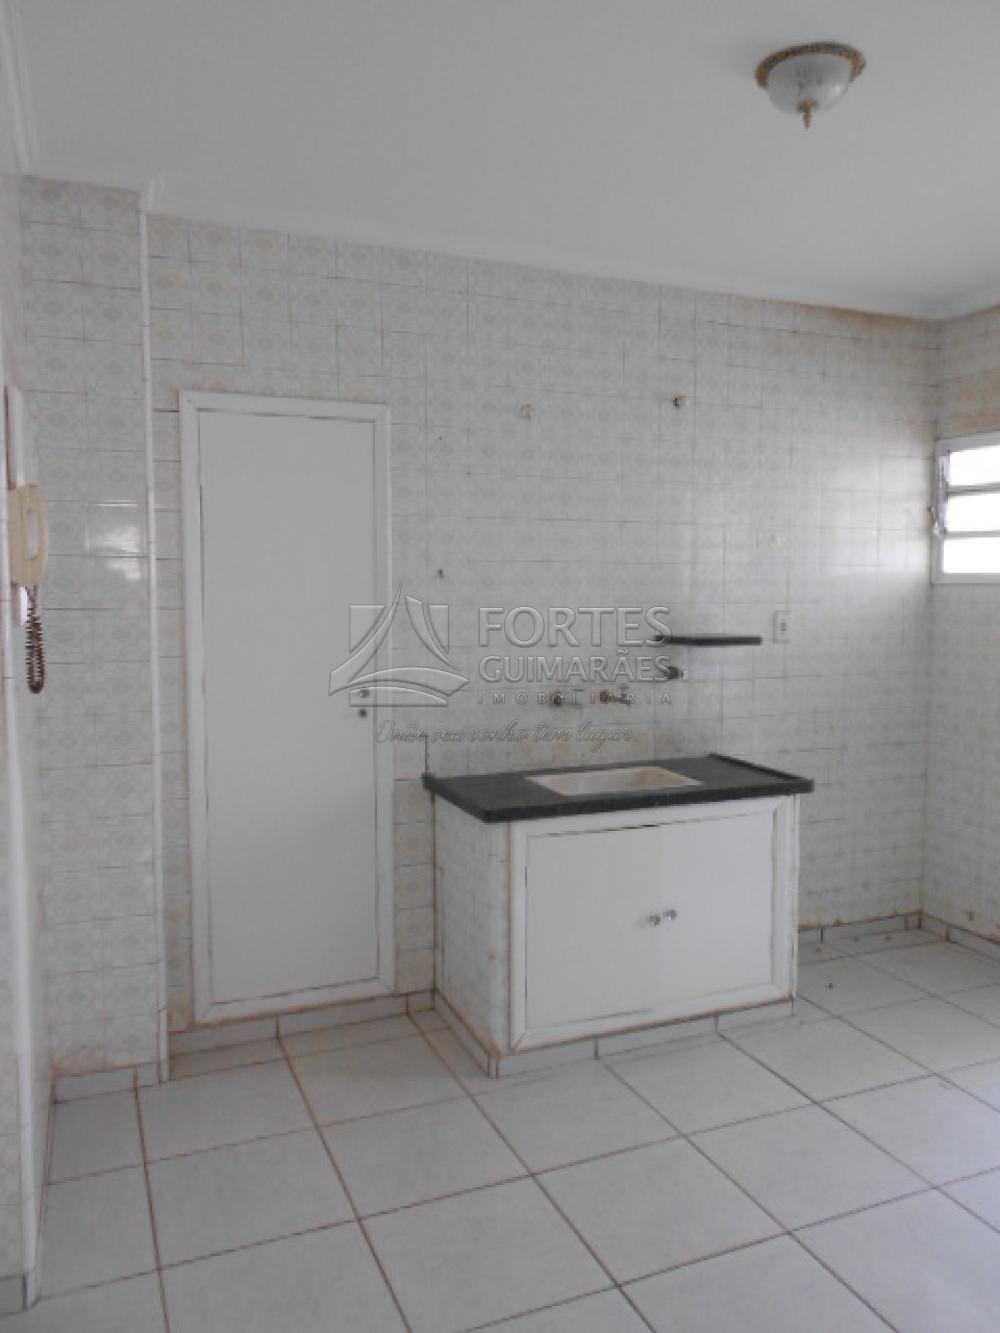 Alugar Apartamentos / Padrão em Ribeirão Preto apenas R$ 850,00 - Foto 26